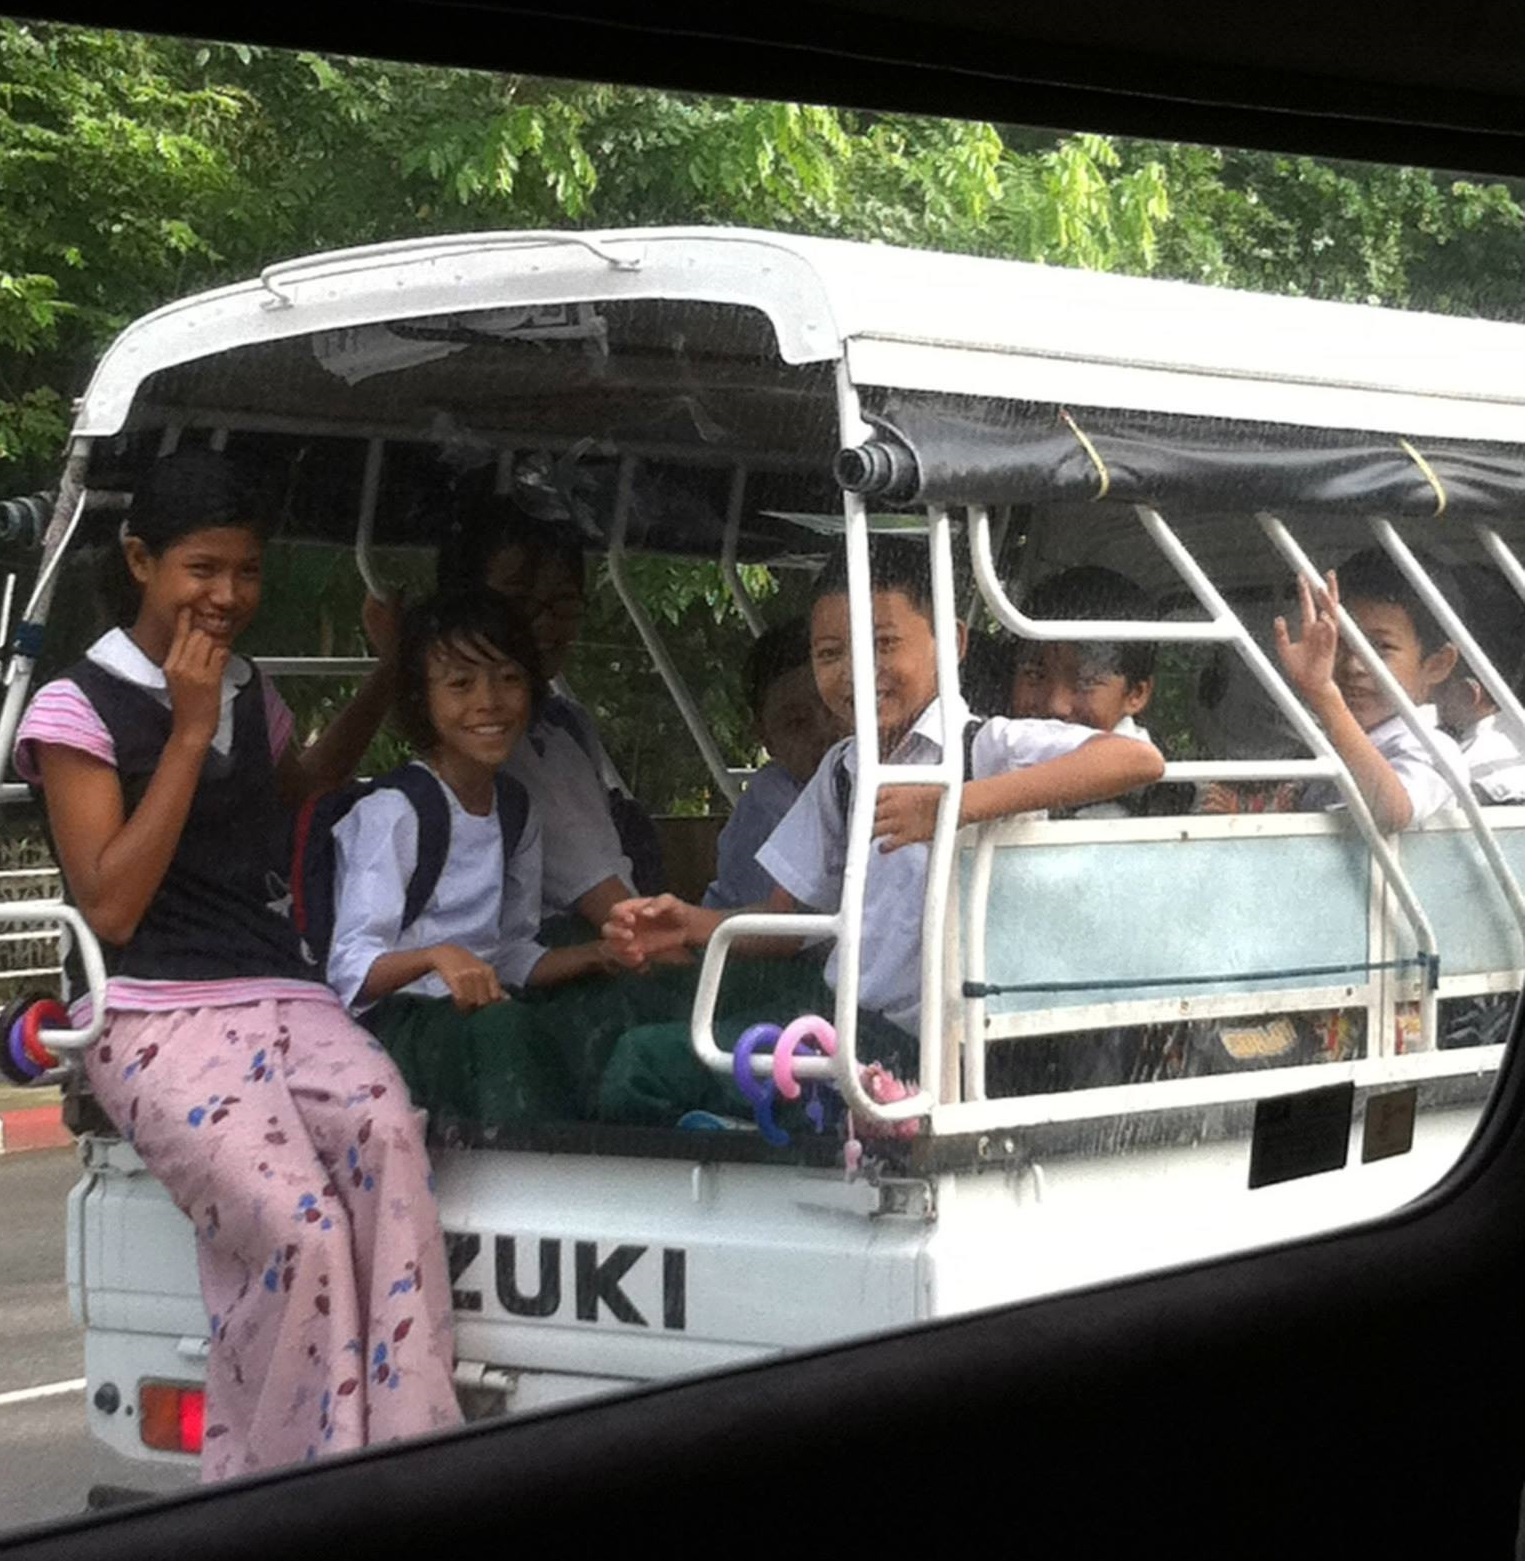 Kids in Yangon, Myanmar - The Broad Life